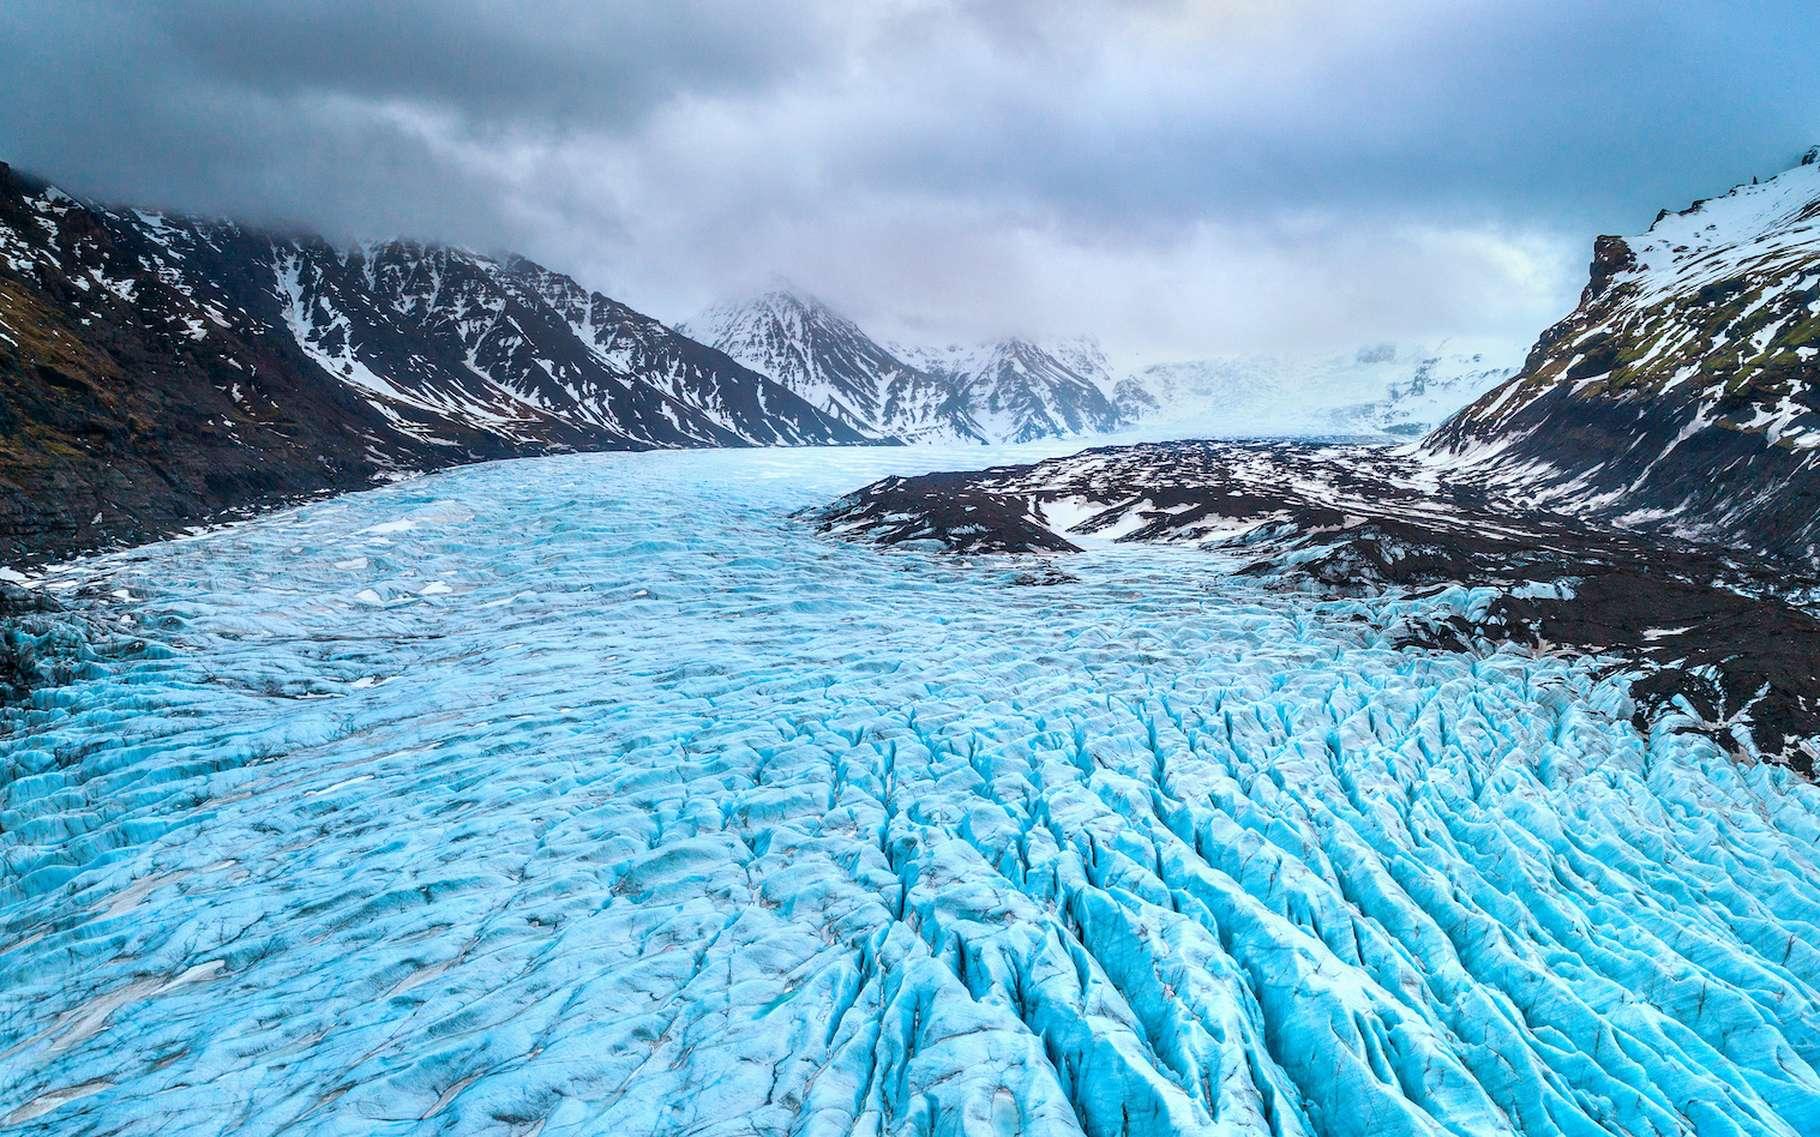 Le réchauffement climatique fait non seulement fondre les calottes des pôles, mais aussi les glaciers du monde entier. Et à un rythme qui s'accélère dangereusement, nous préviennent aujourd'hui des chercheurs du CNRS, se basant sur une cartographie la plus détaillée jamais réalisée. © tawatchai1990, Adobe Stock